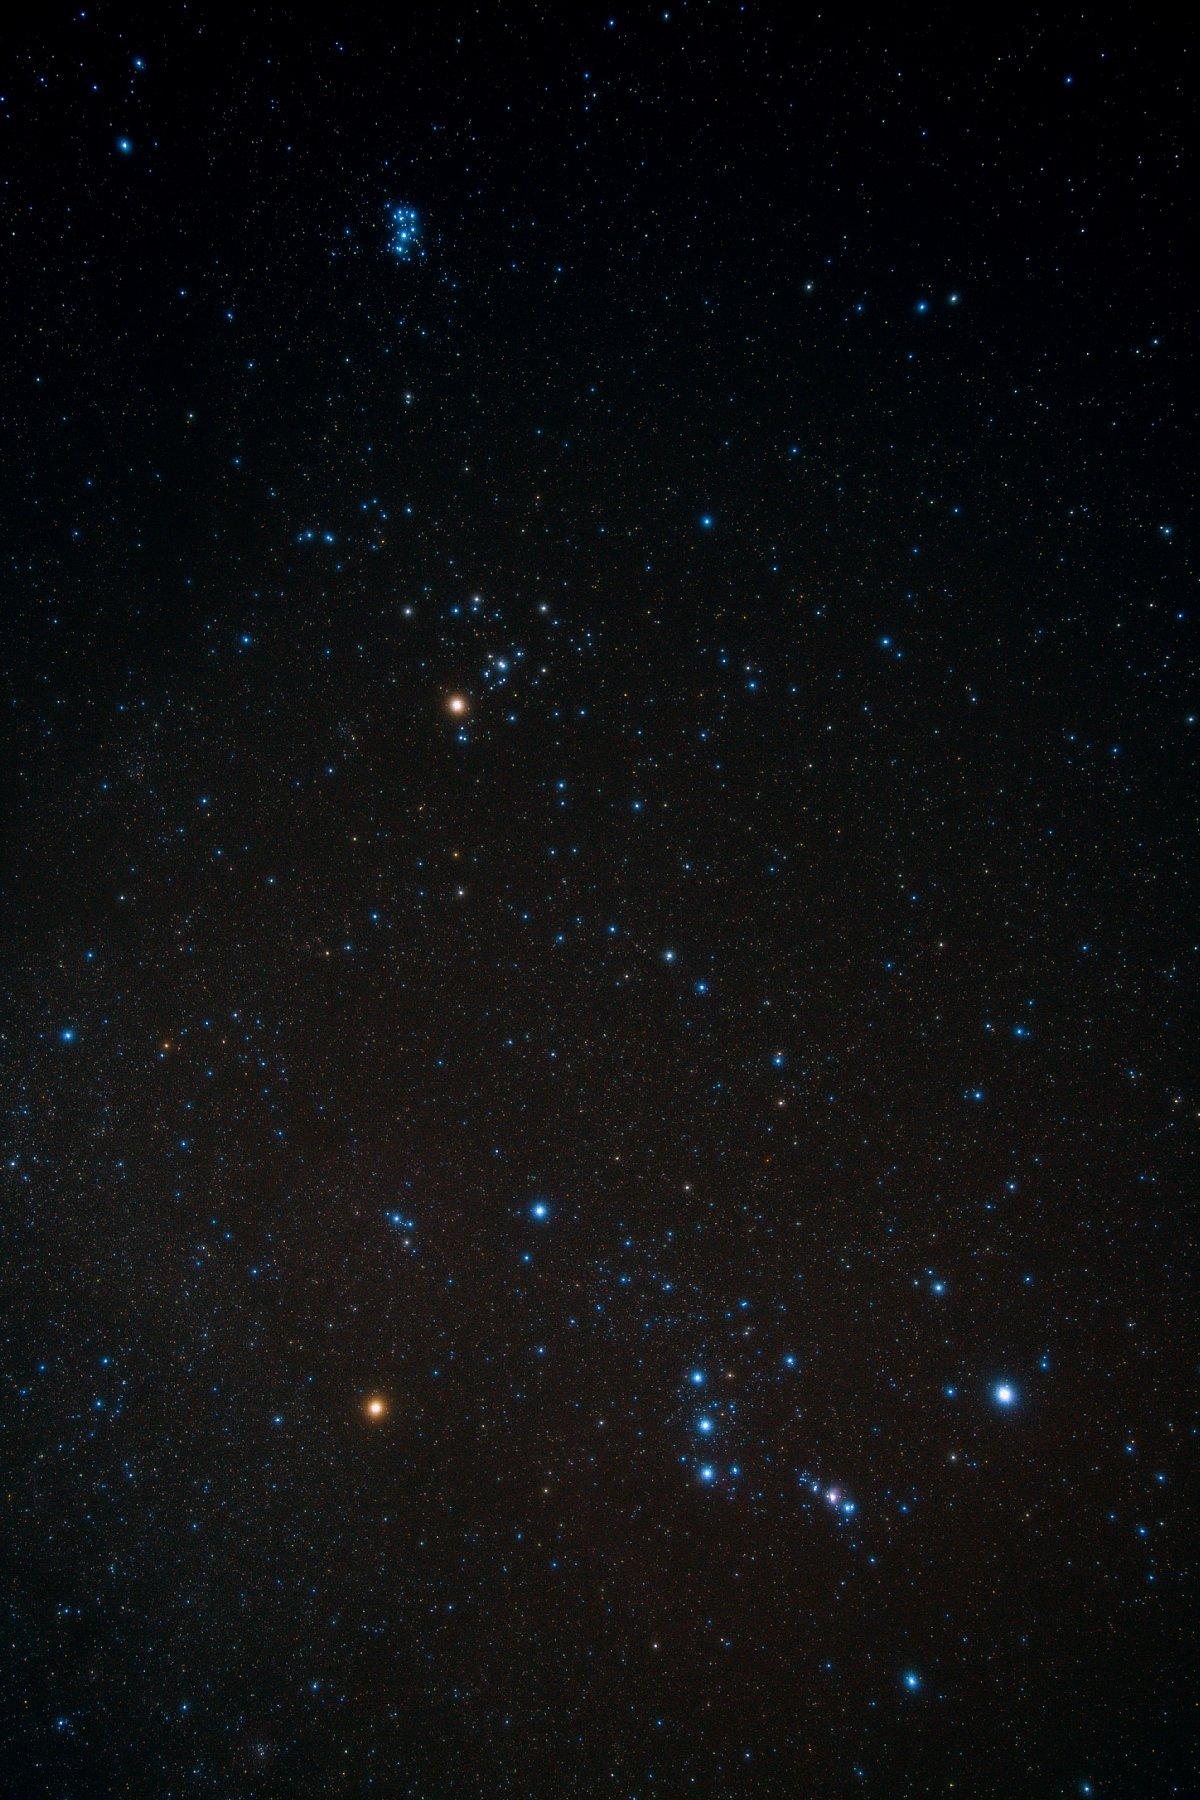 【星野】オリオン~ヒアデス星団~プレアデス星団(M45)